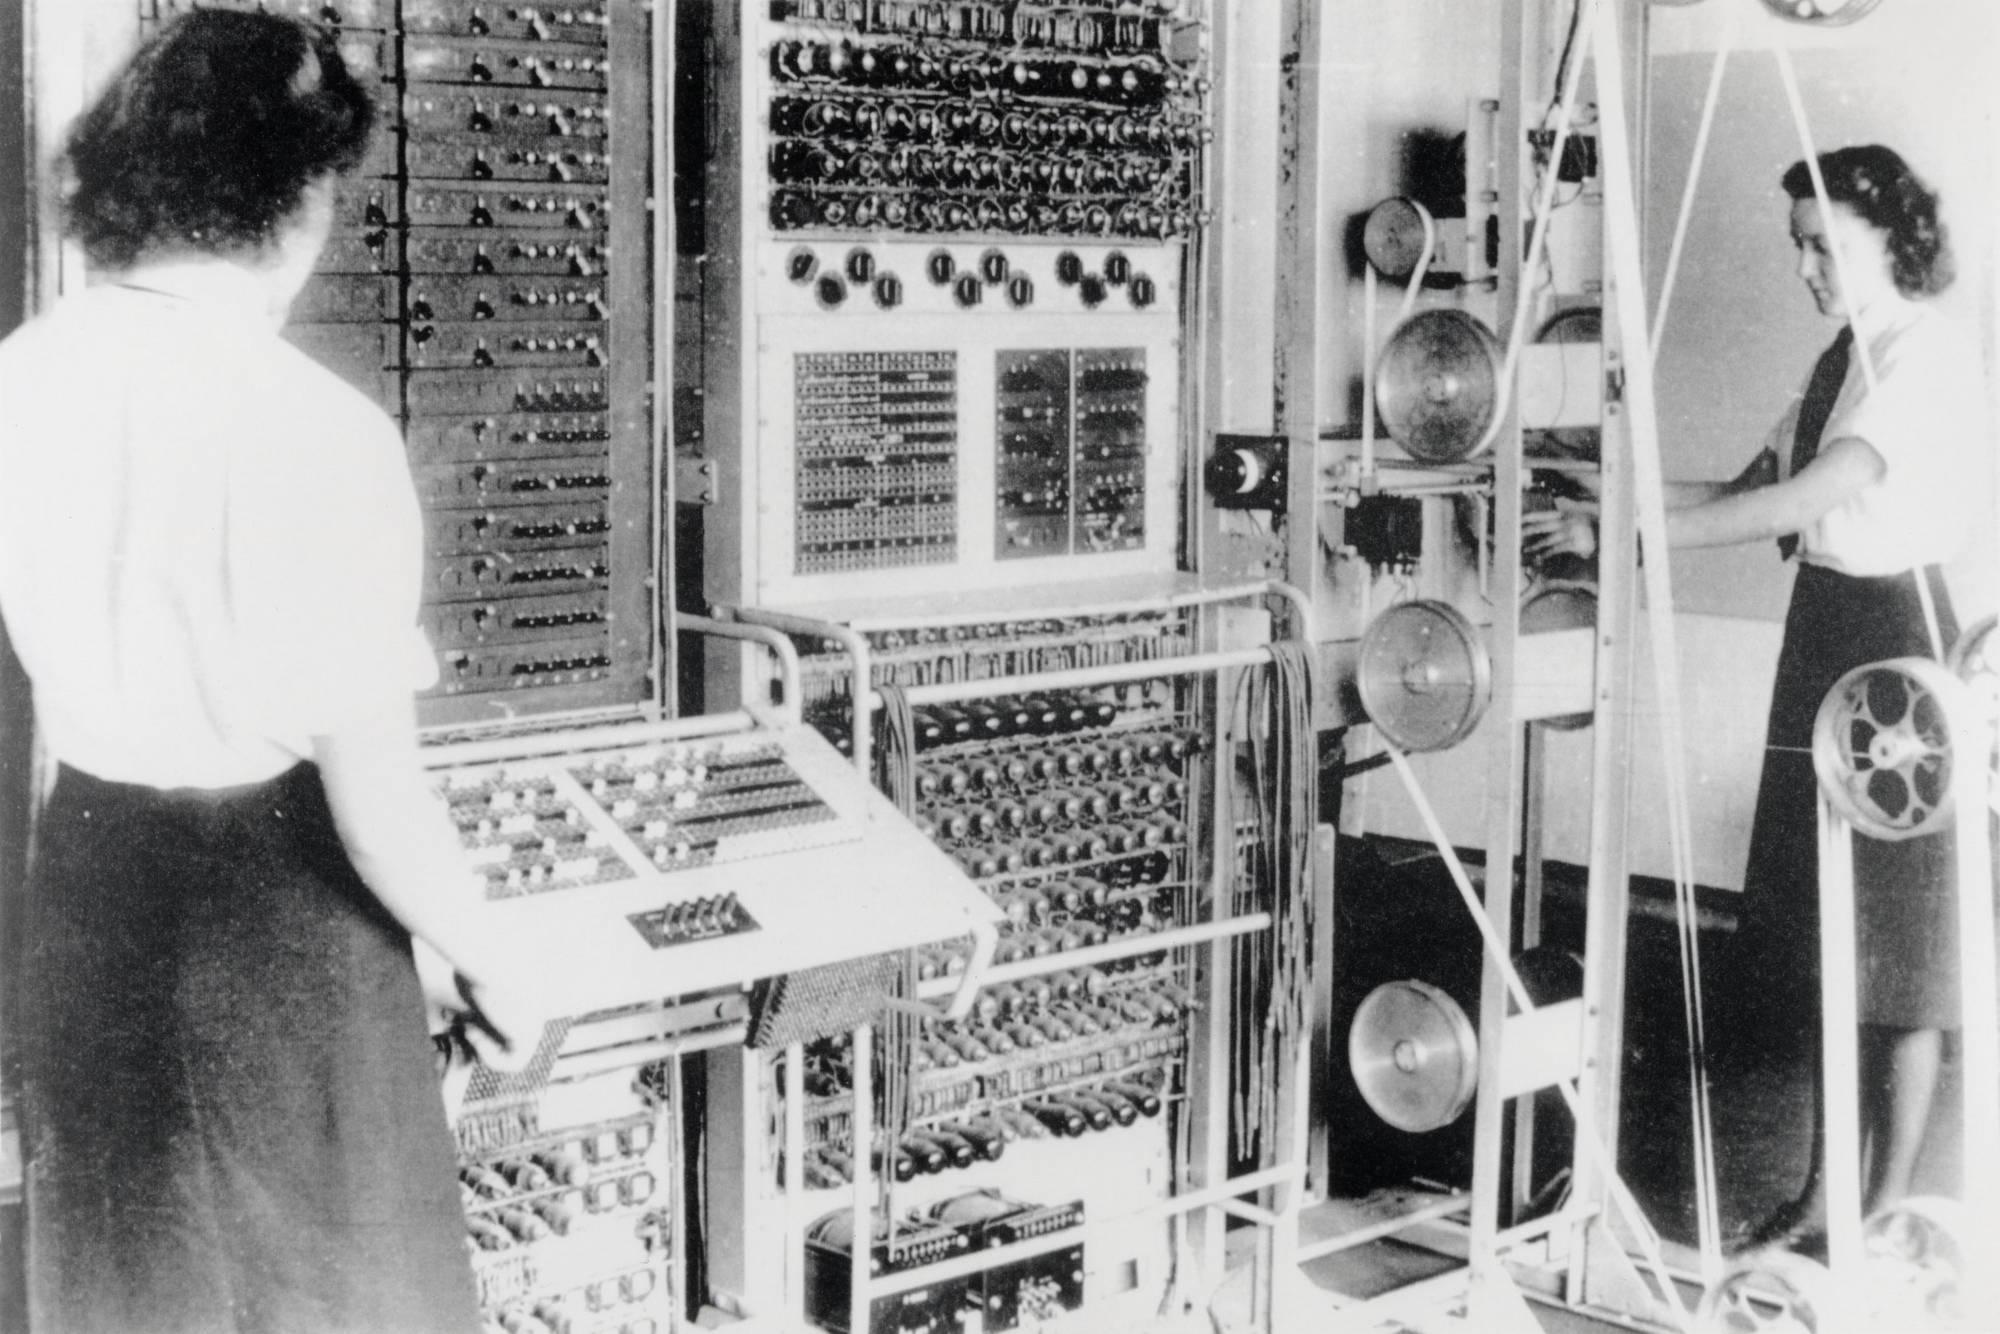 Konsekwencją opracowywania maszyn do łamanie Enigmy powstał komputer Mark I, dzięki któremu złamano maszyn Lorenza.